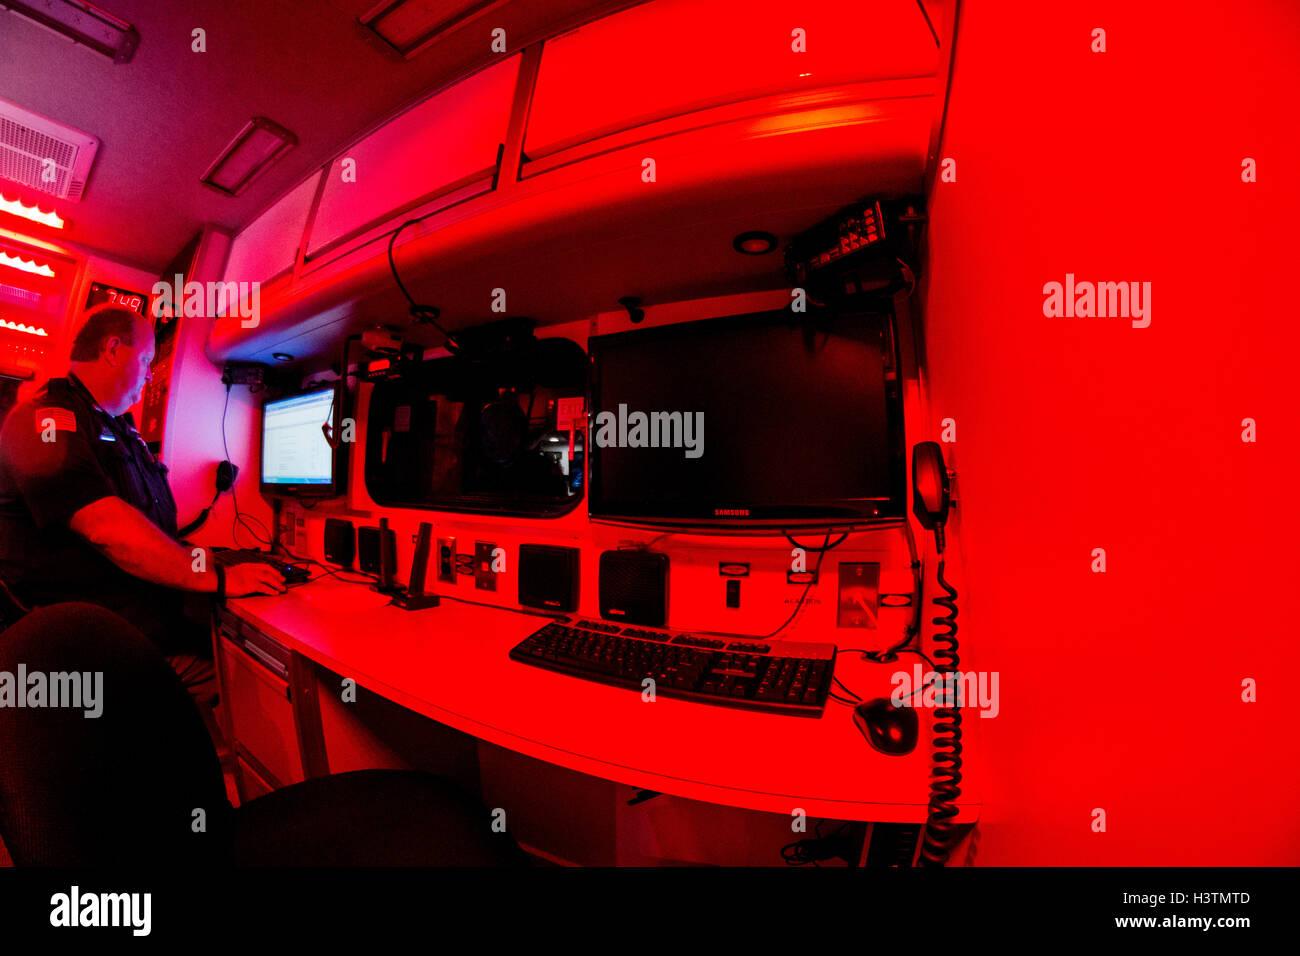 Alert Fire Danger Information Stockfotos & Alert Fire Danger ...